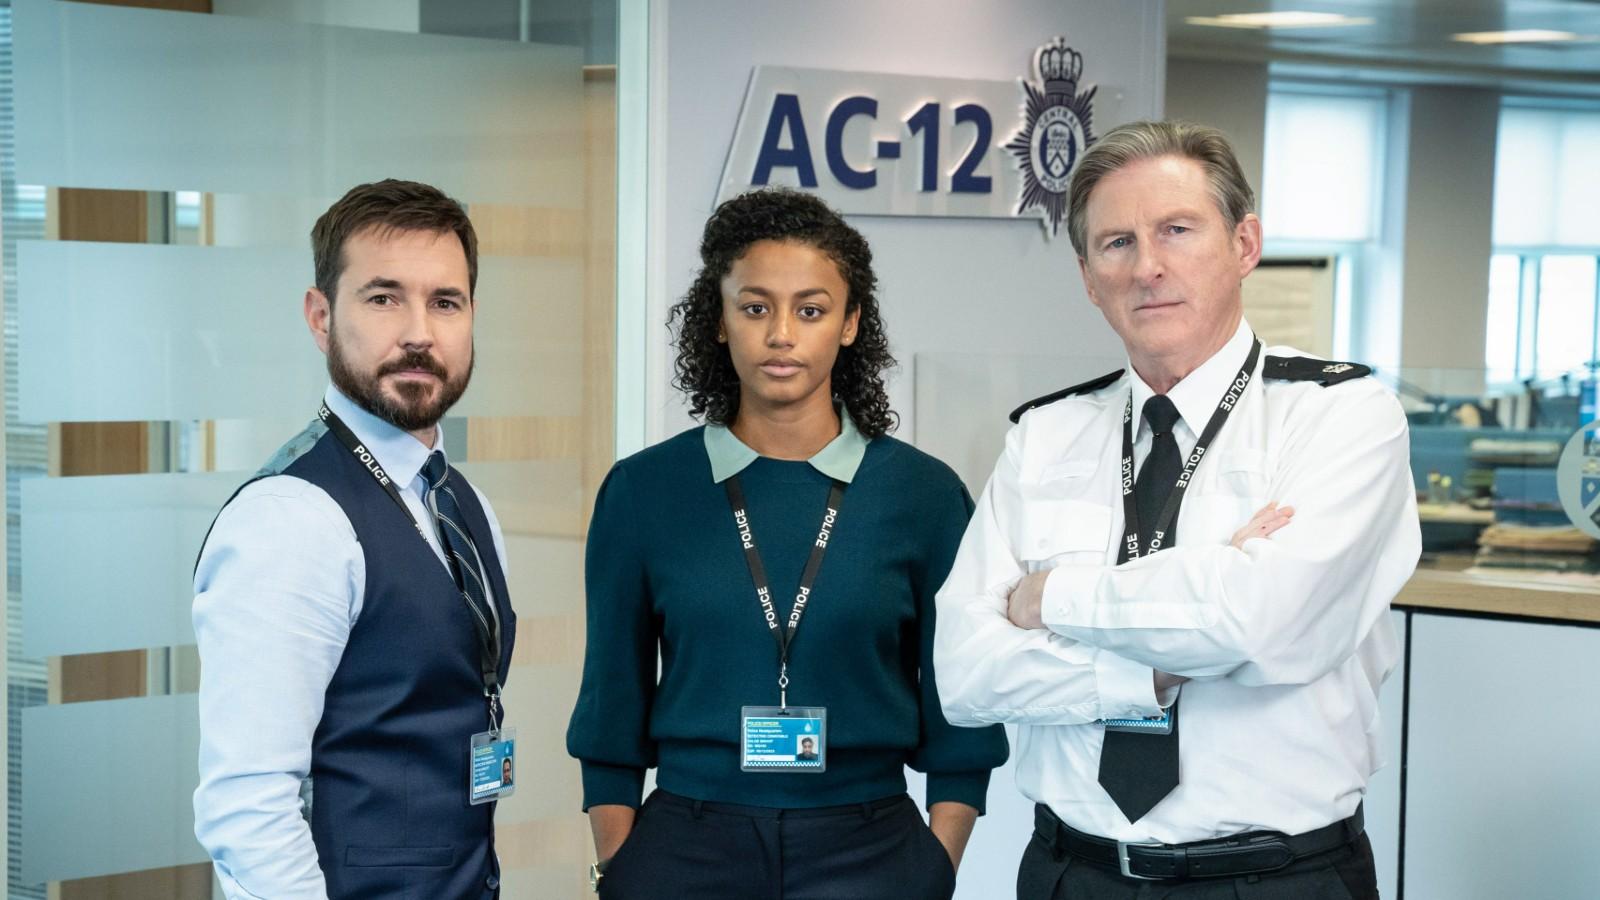 Les acteurs de la série 6 de Line of Duty : Martin Compston, Shalom Brune-Franklin et Adrian Dunbar.